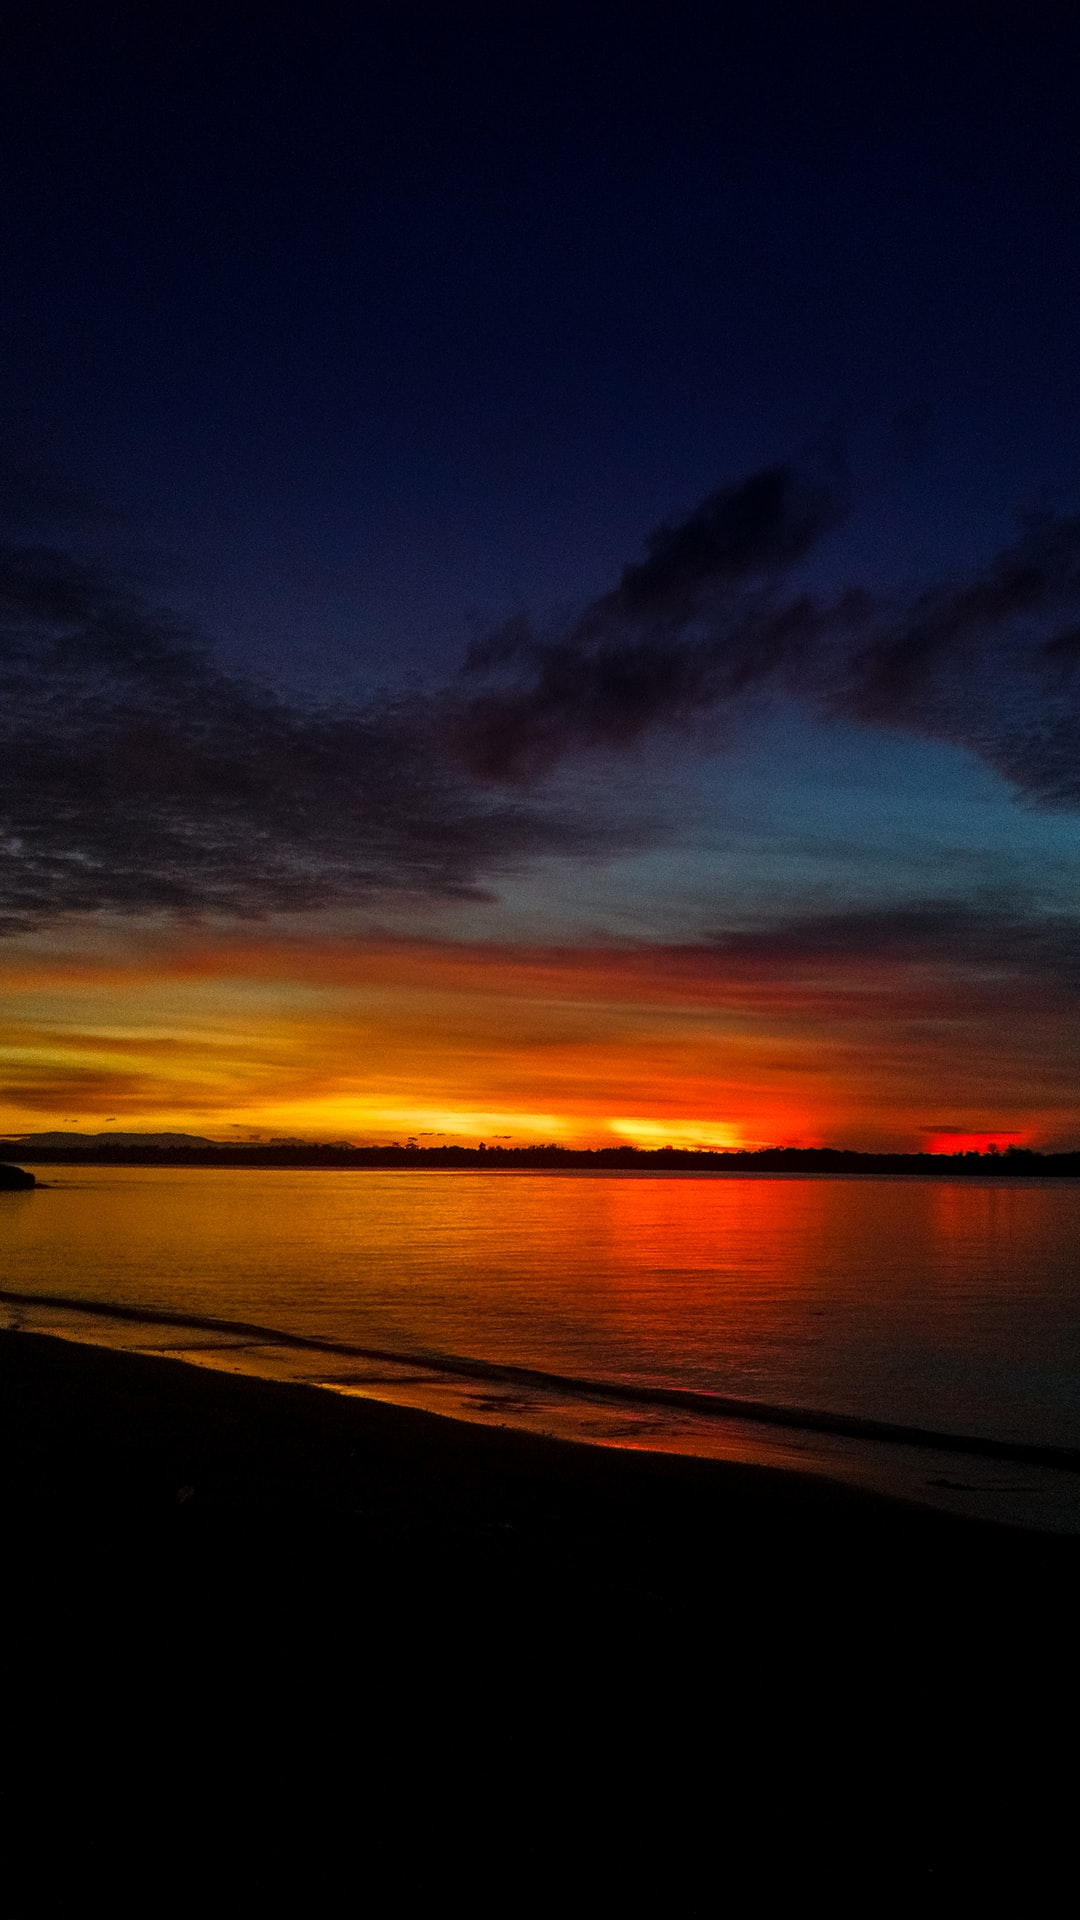 Long Exposure at the beach at sundown